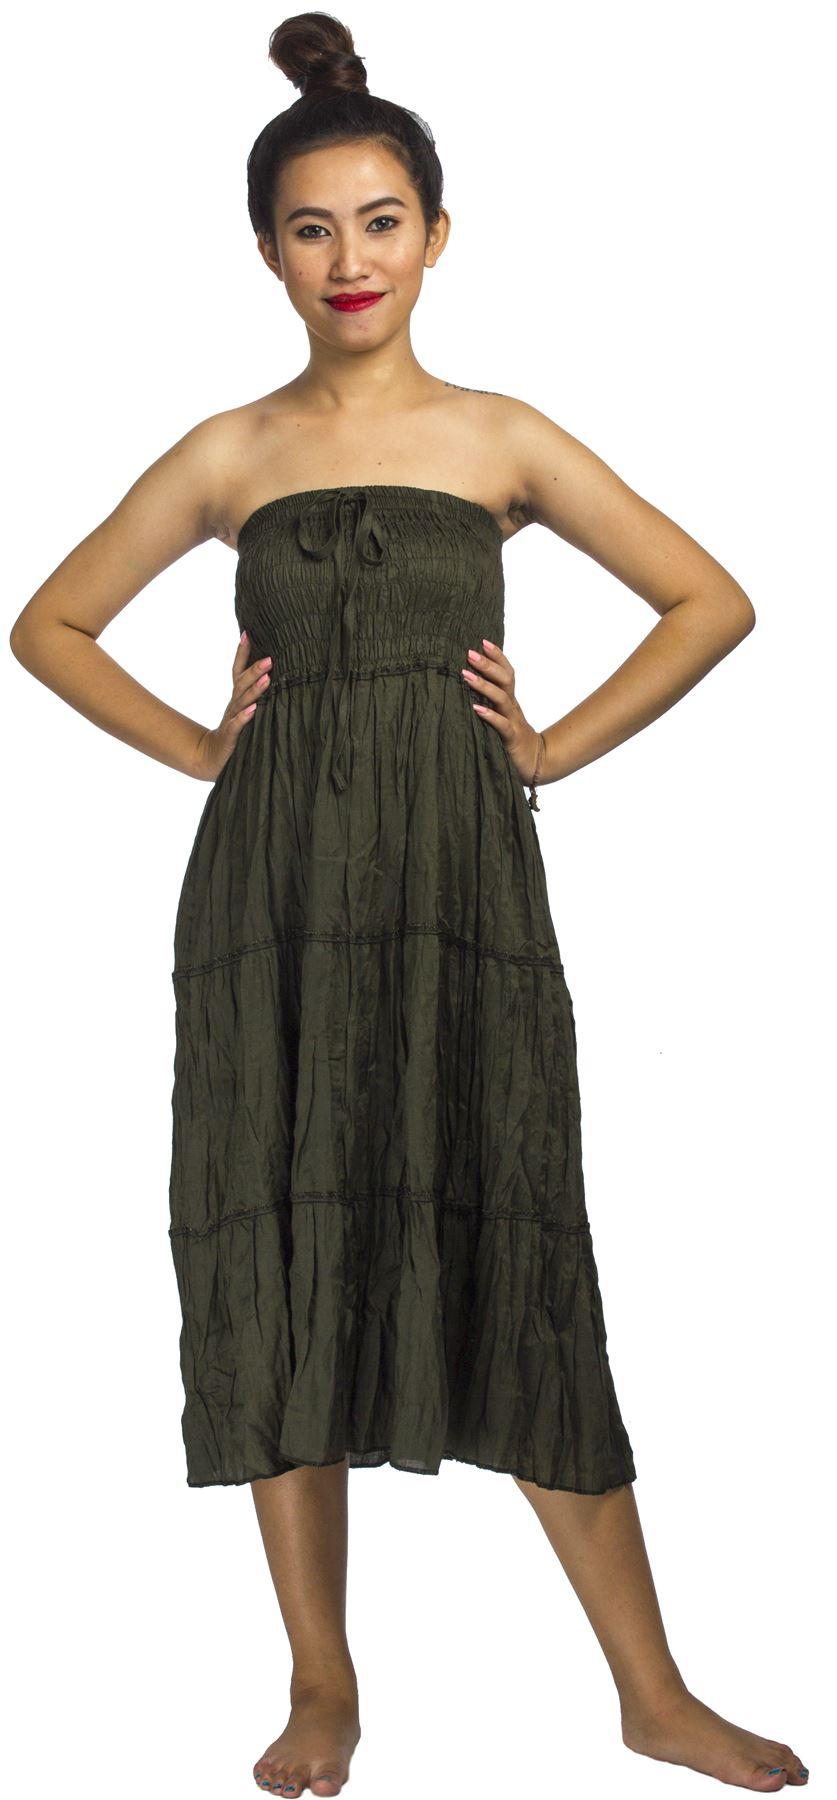 neu damen lang gesmokt rock kleid gypsy boho sommer ebay. Black Bedroom Furniture Sets. Home Design Ideas